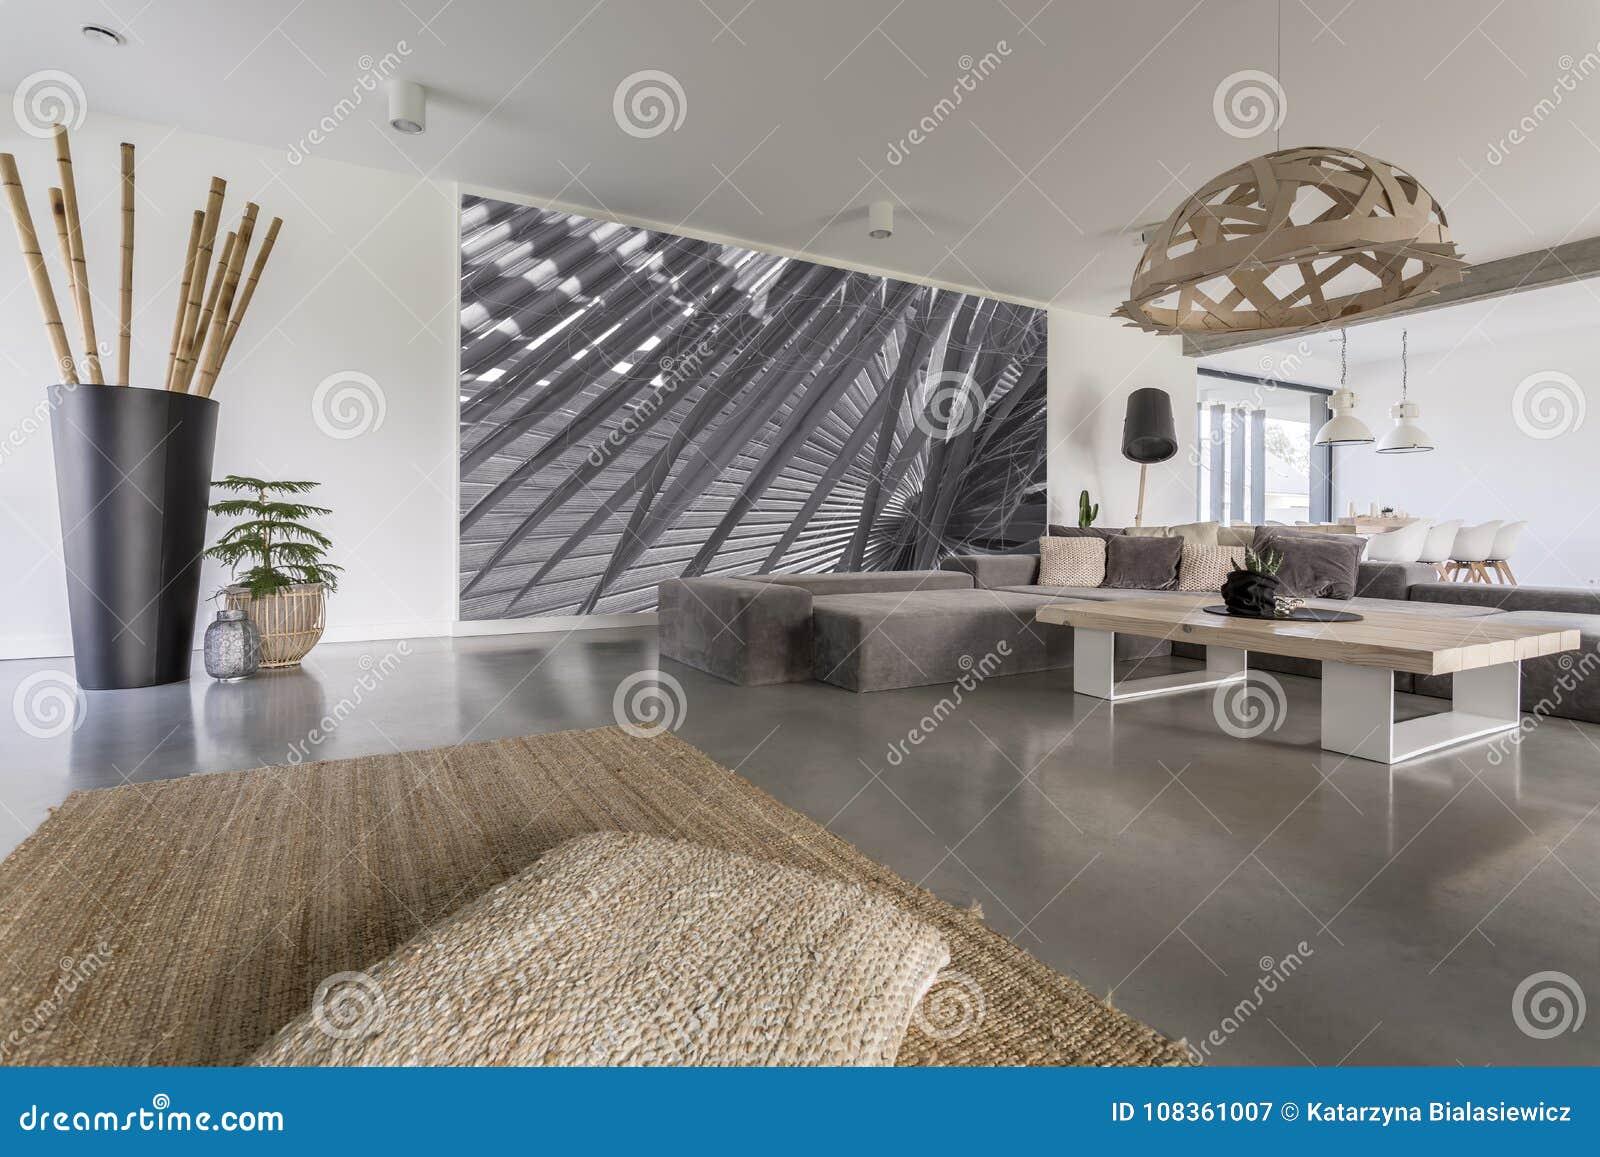 Salon Avec La Peinture Murale Grise Image Stock Image Du Grise Avec 108361007